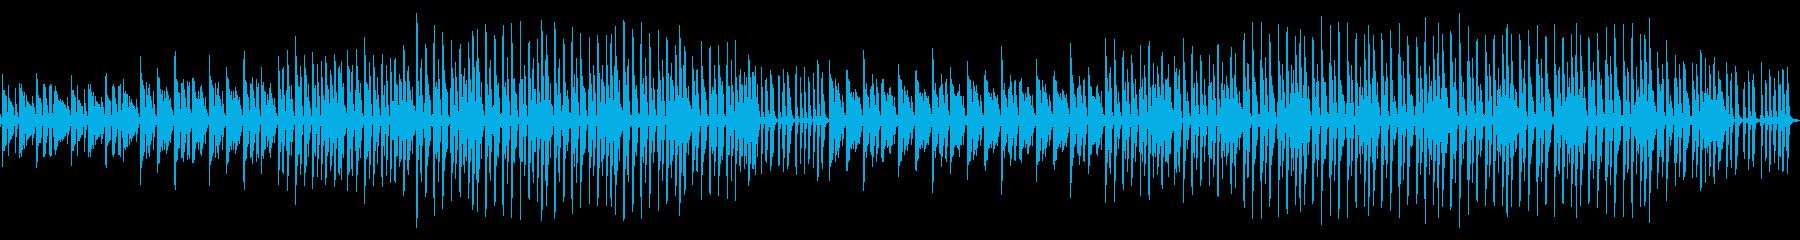 ポンポン弾むユニークなメロディーの再生済みの波形